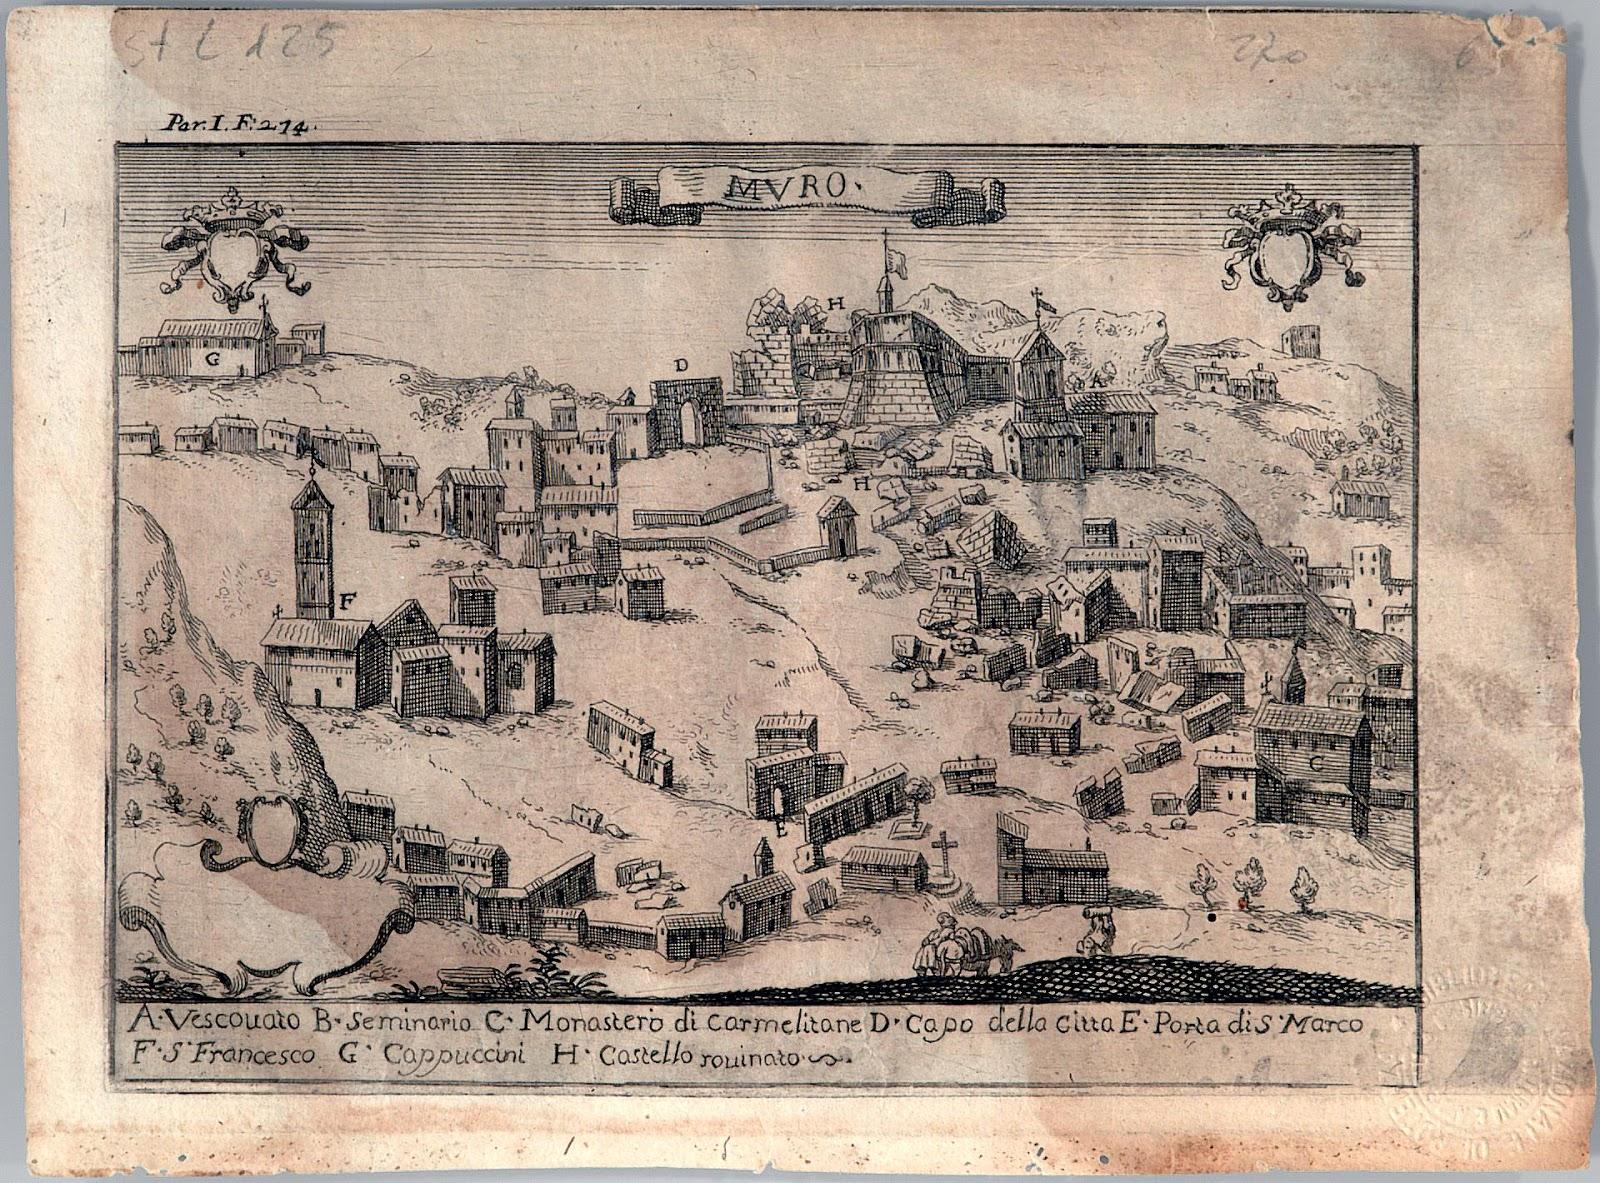 La città presentava un perimetro irregolare, in quanto le case ...